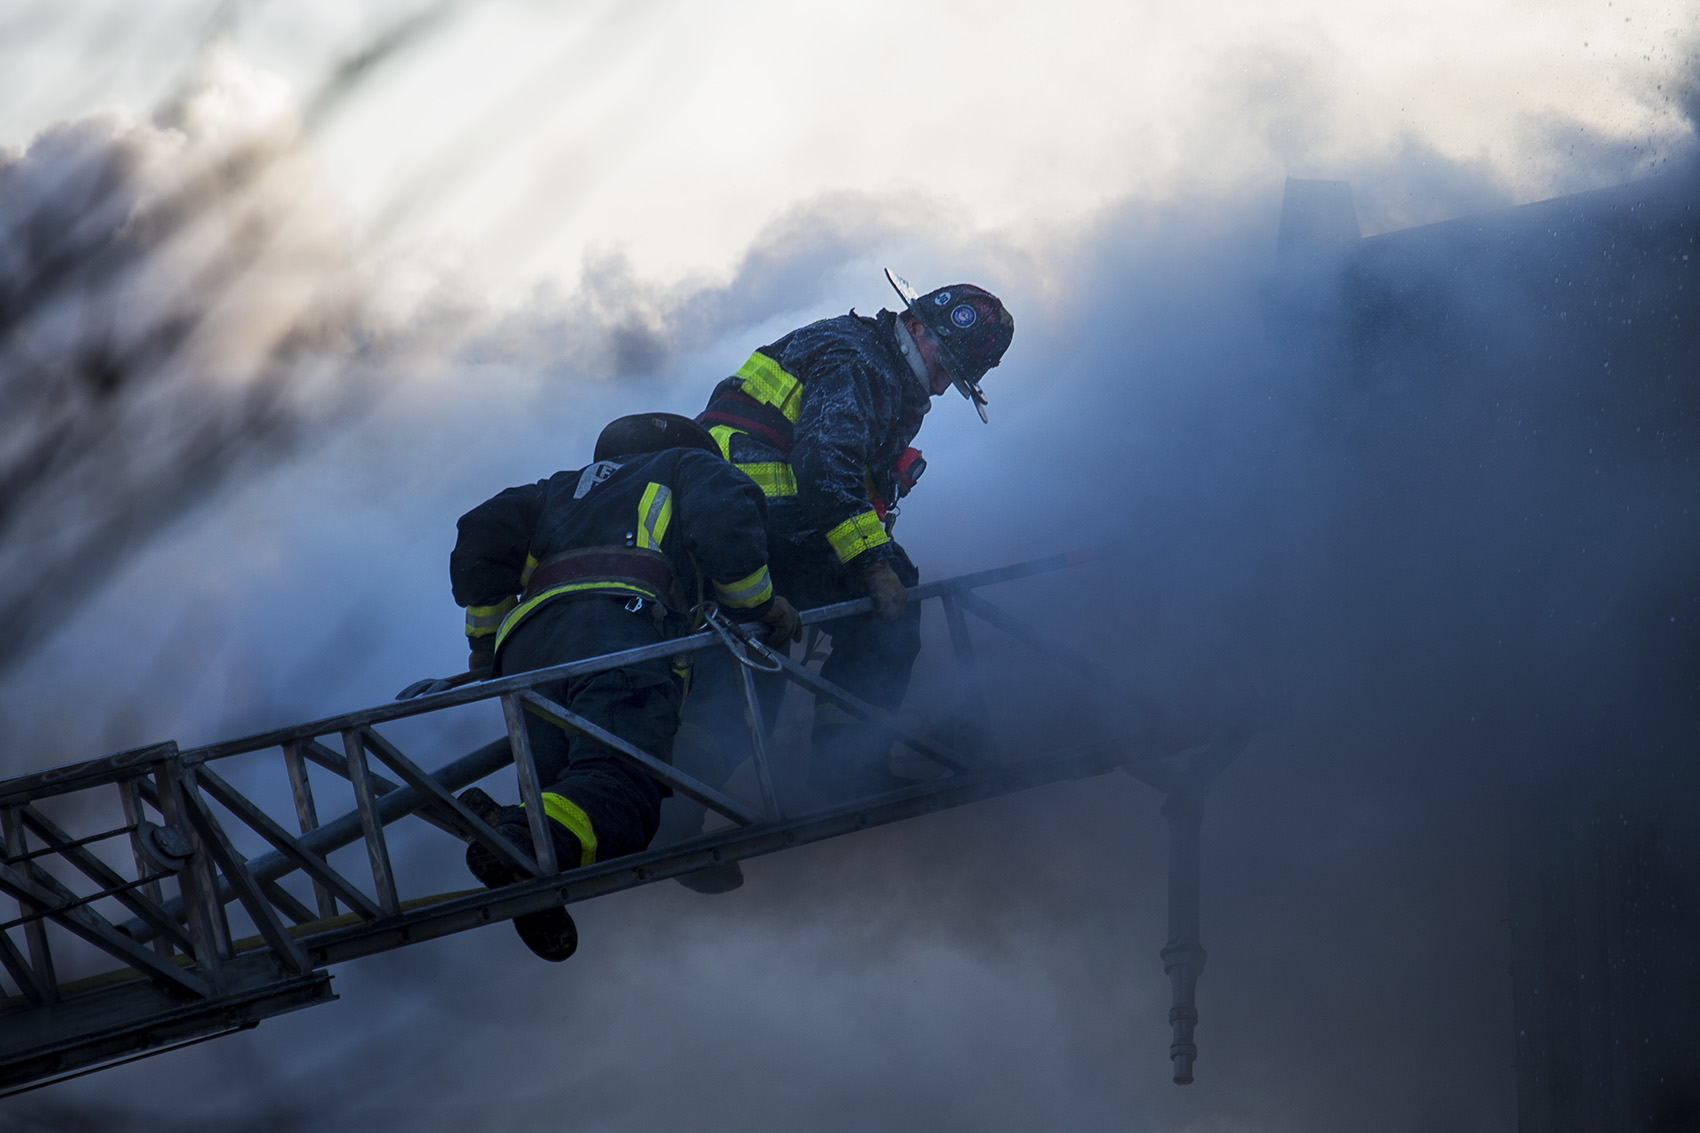 Boston firefighters battle the smoke of a smoldering fire on Bunker Hill Street in Charlestown. (Jesse Costa/WBUR)